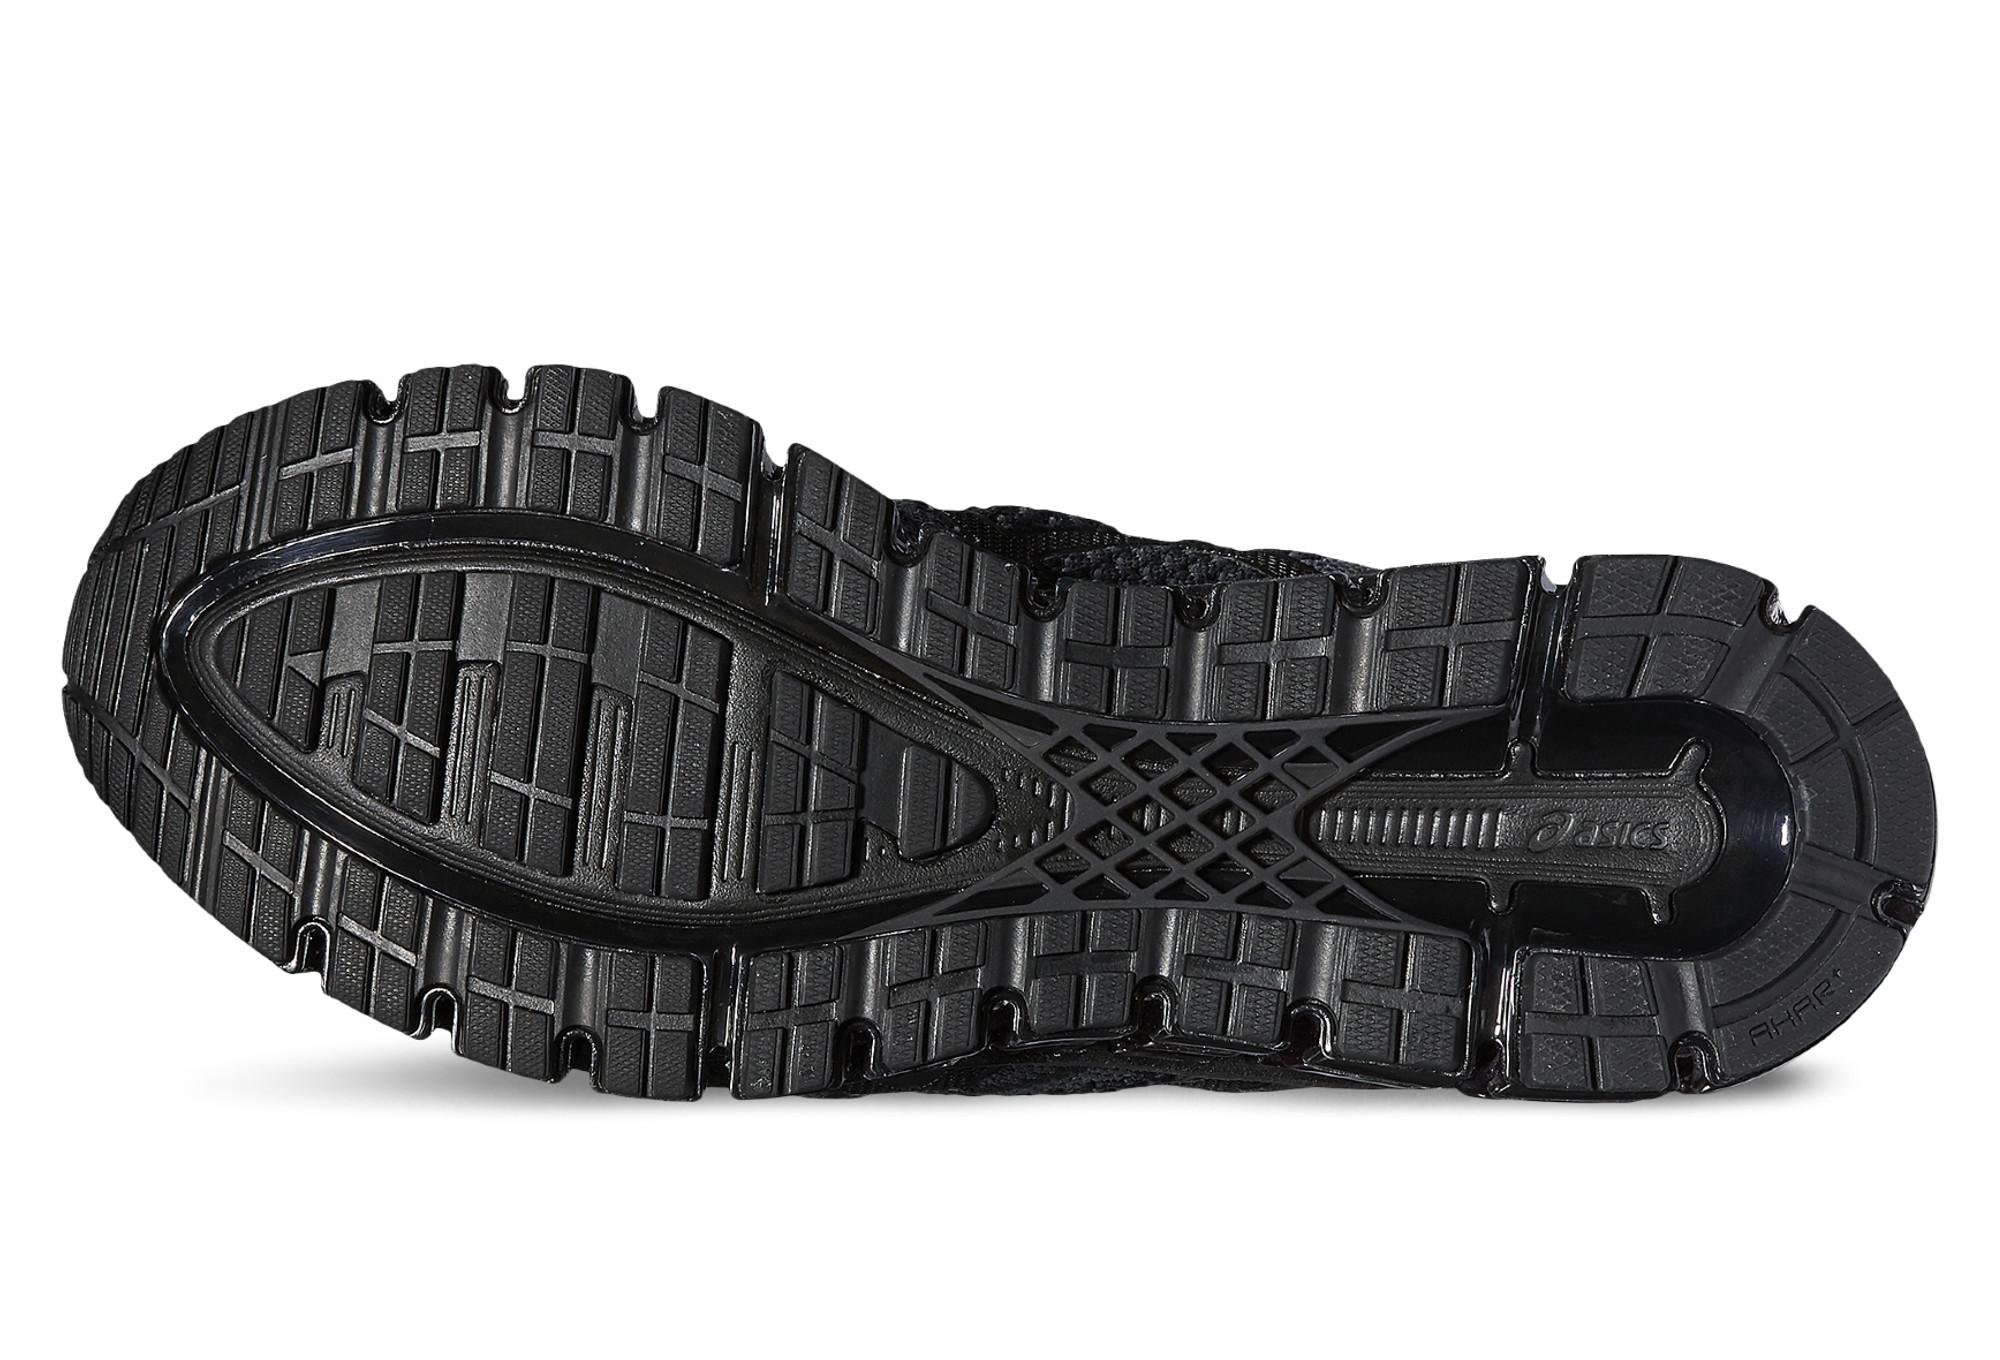 Running De Gel Asics Chaussures 360 Quantum Noir pSRqw5